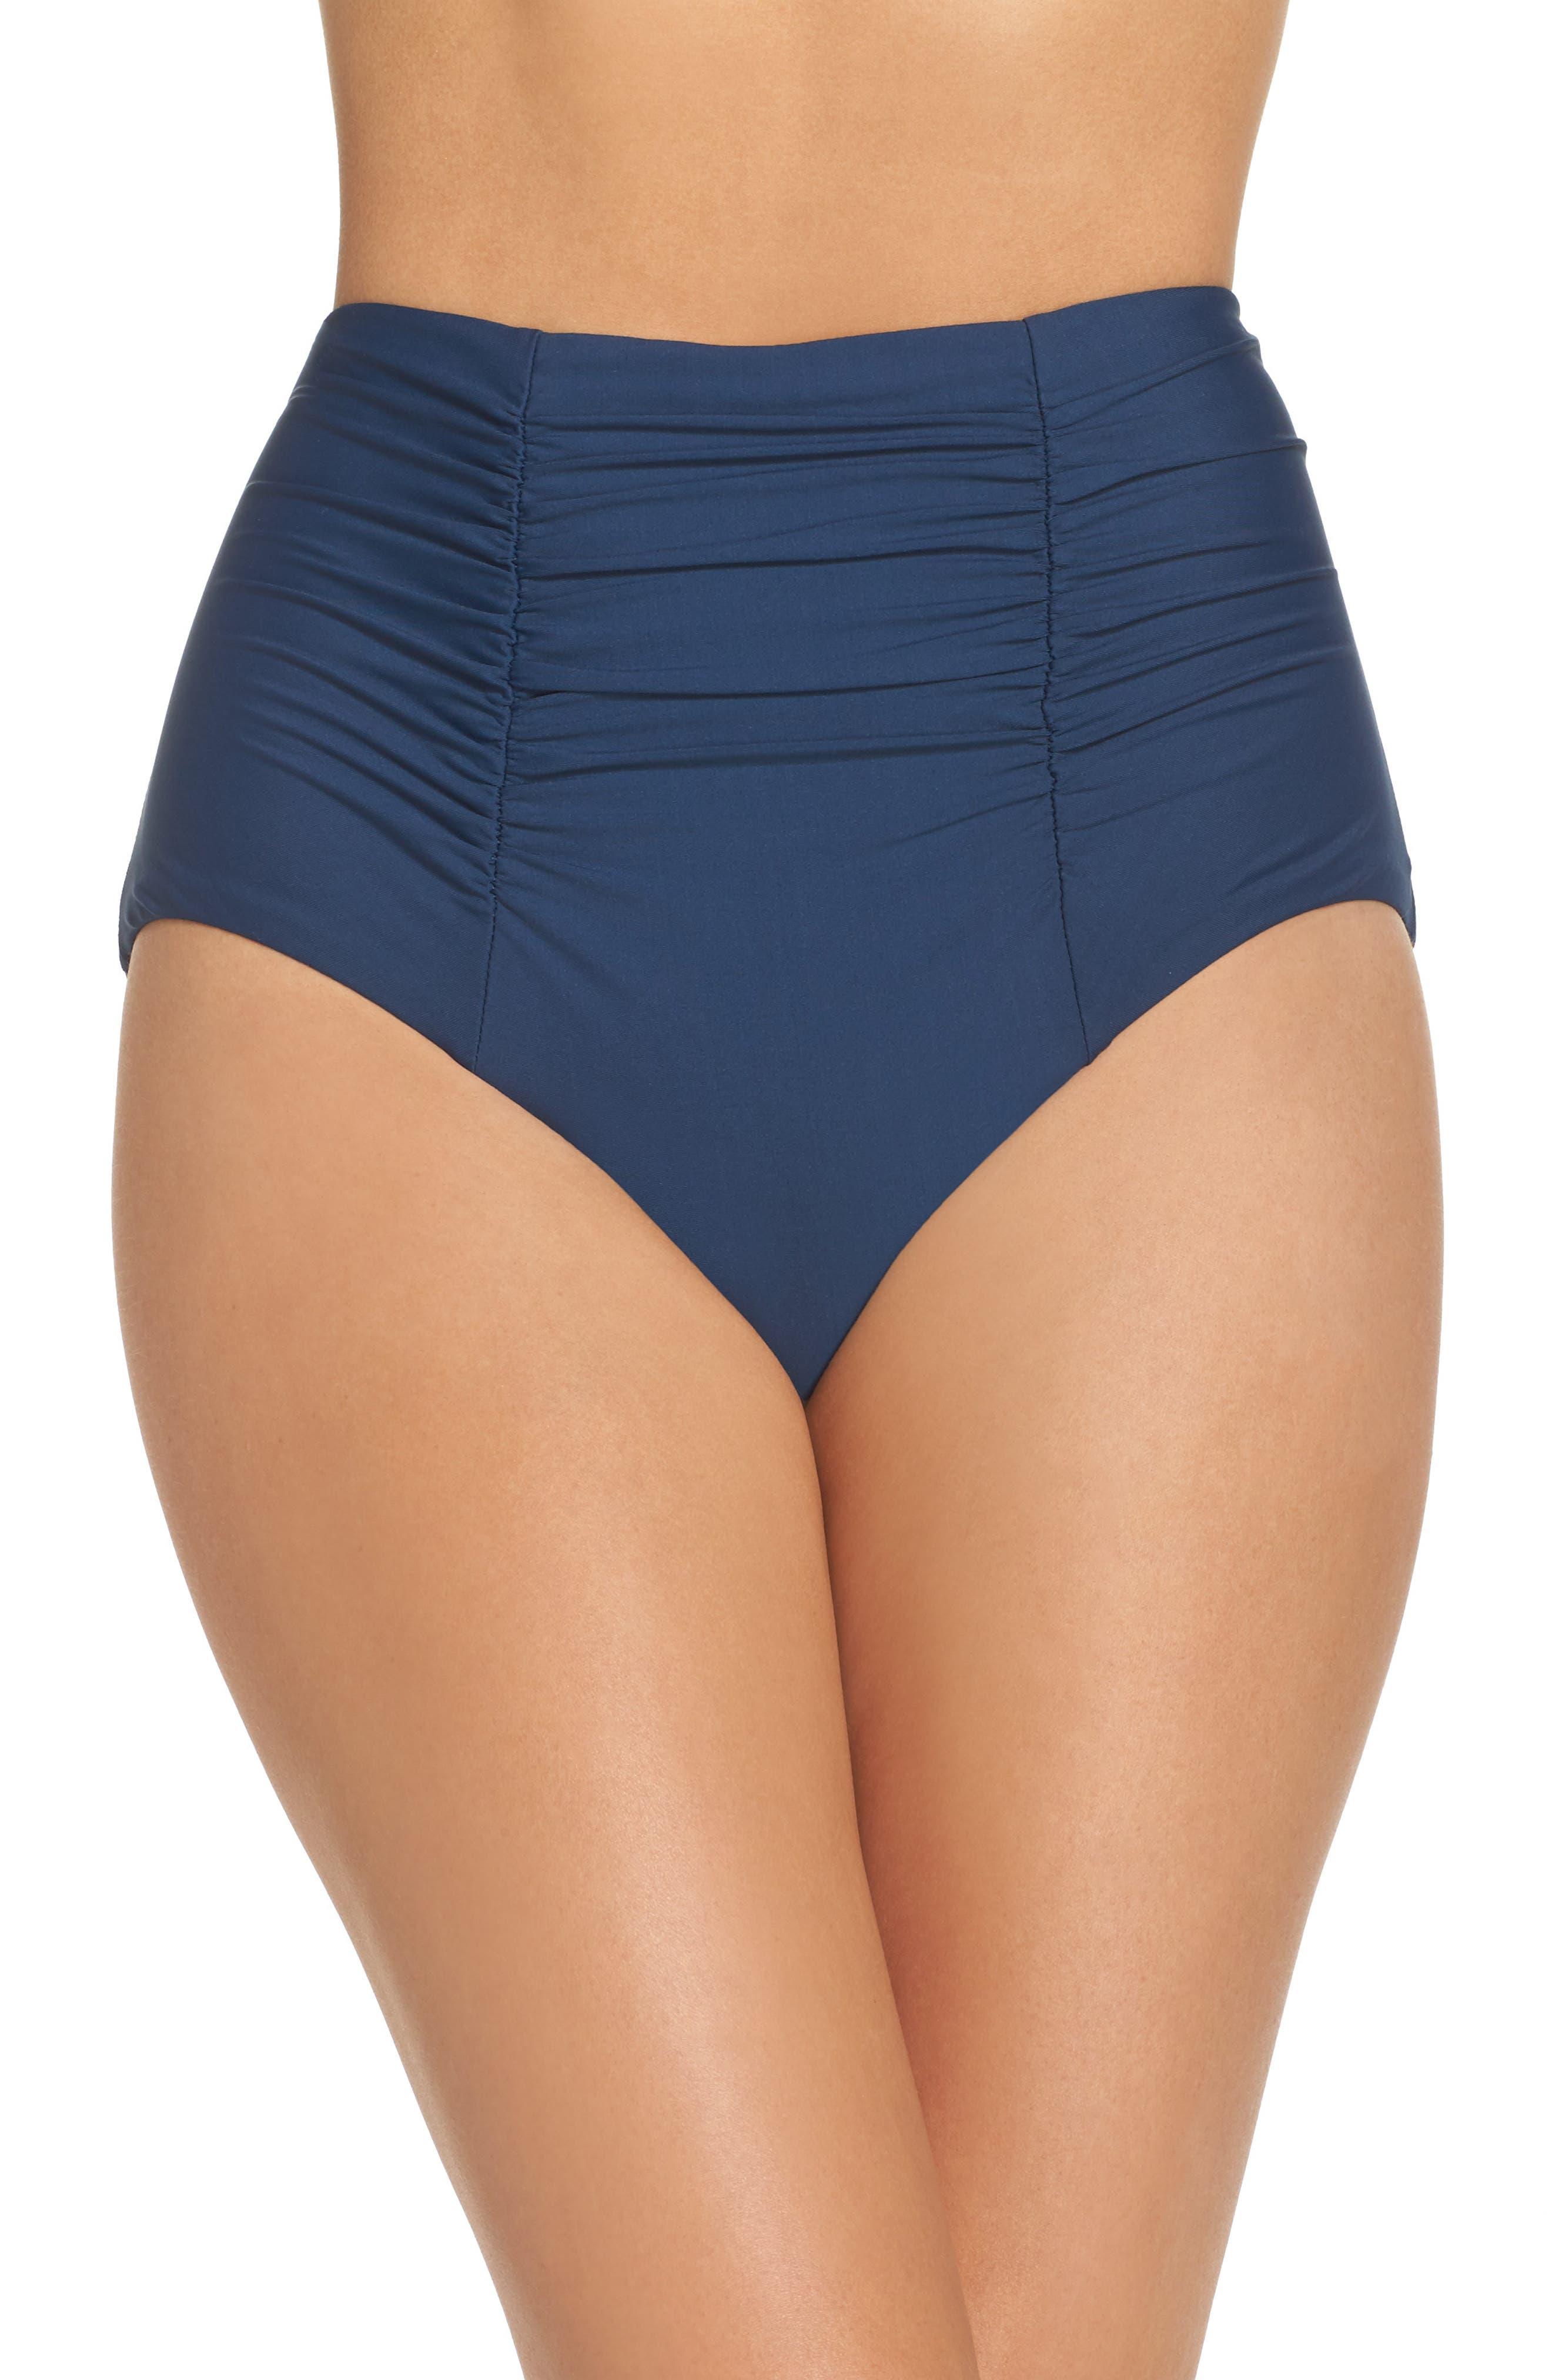 Becca Color Code High Waist Bikini Bottoms